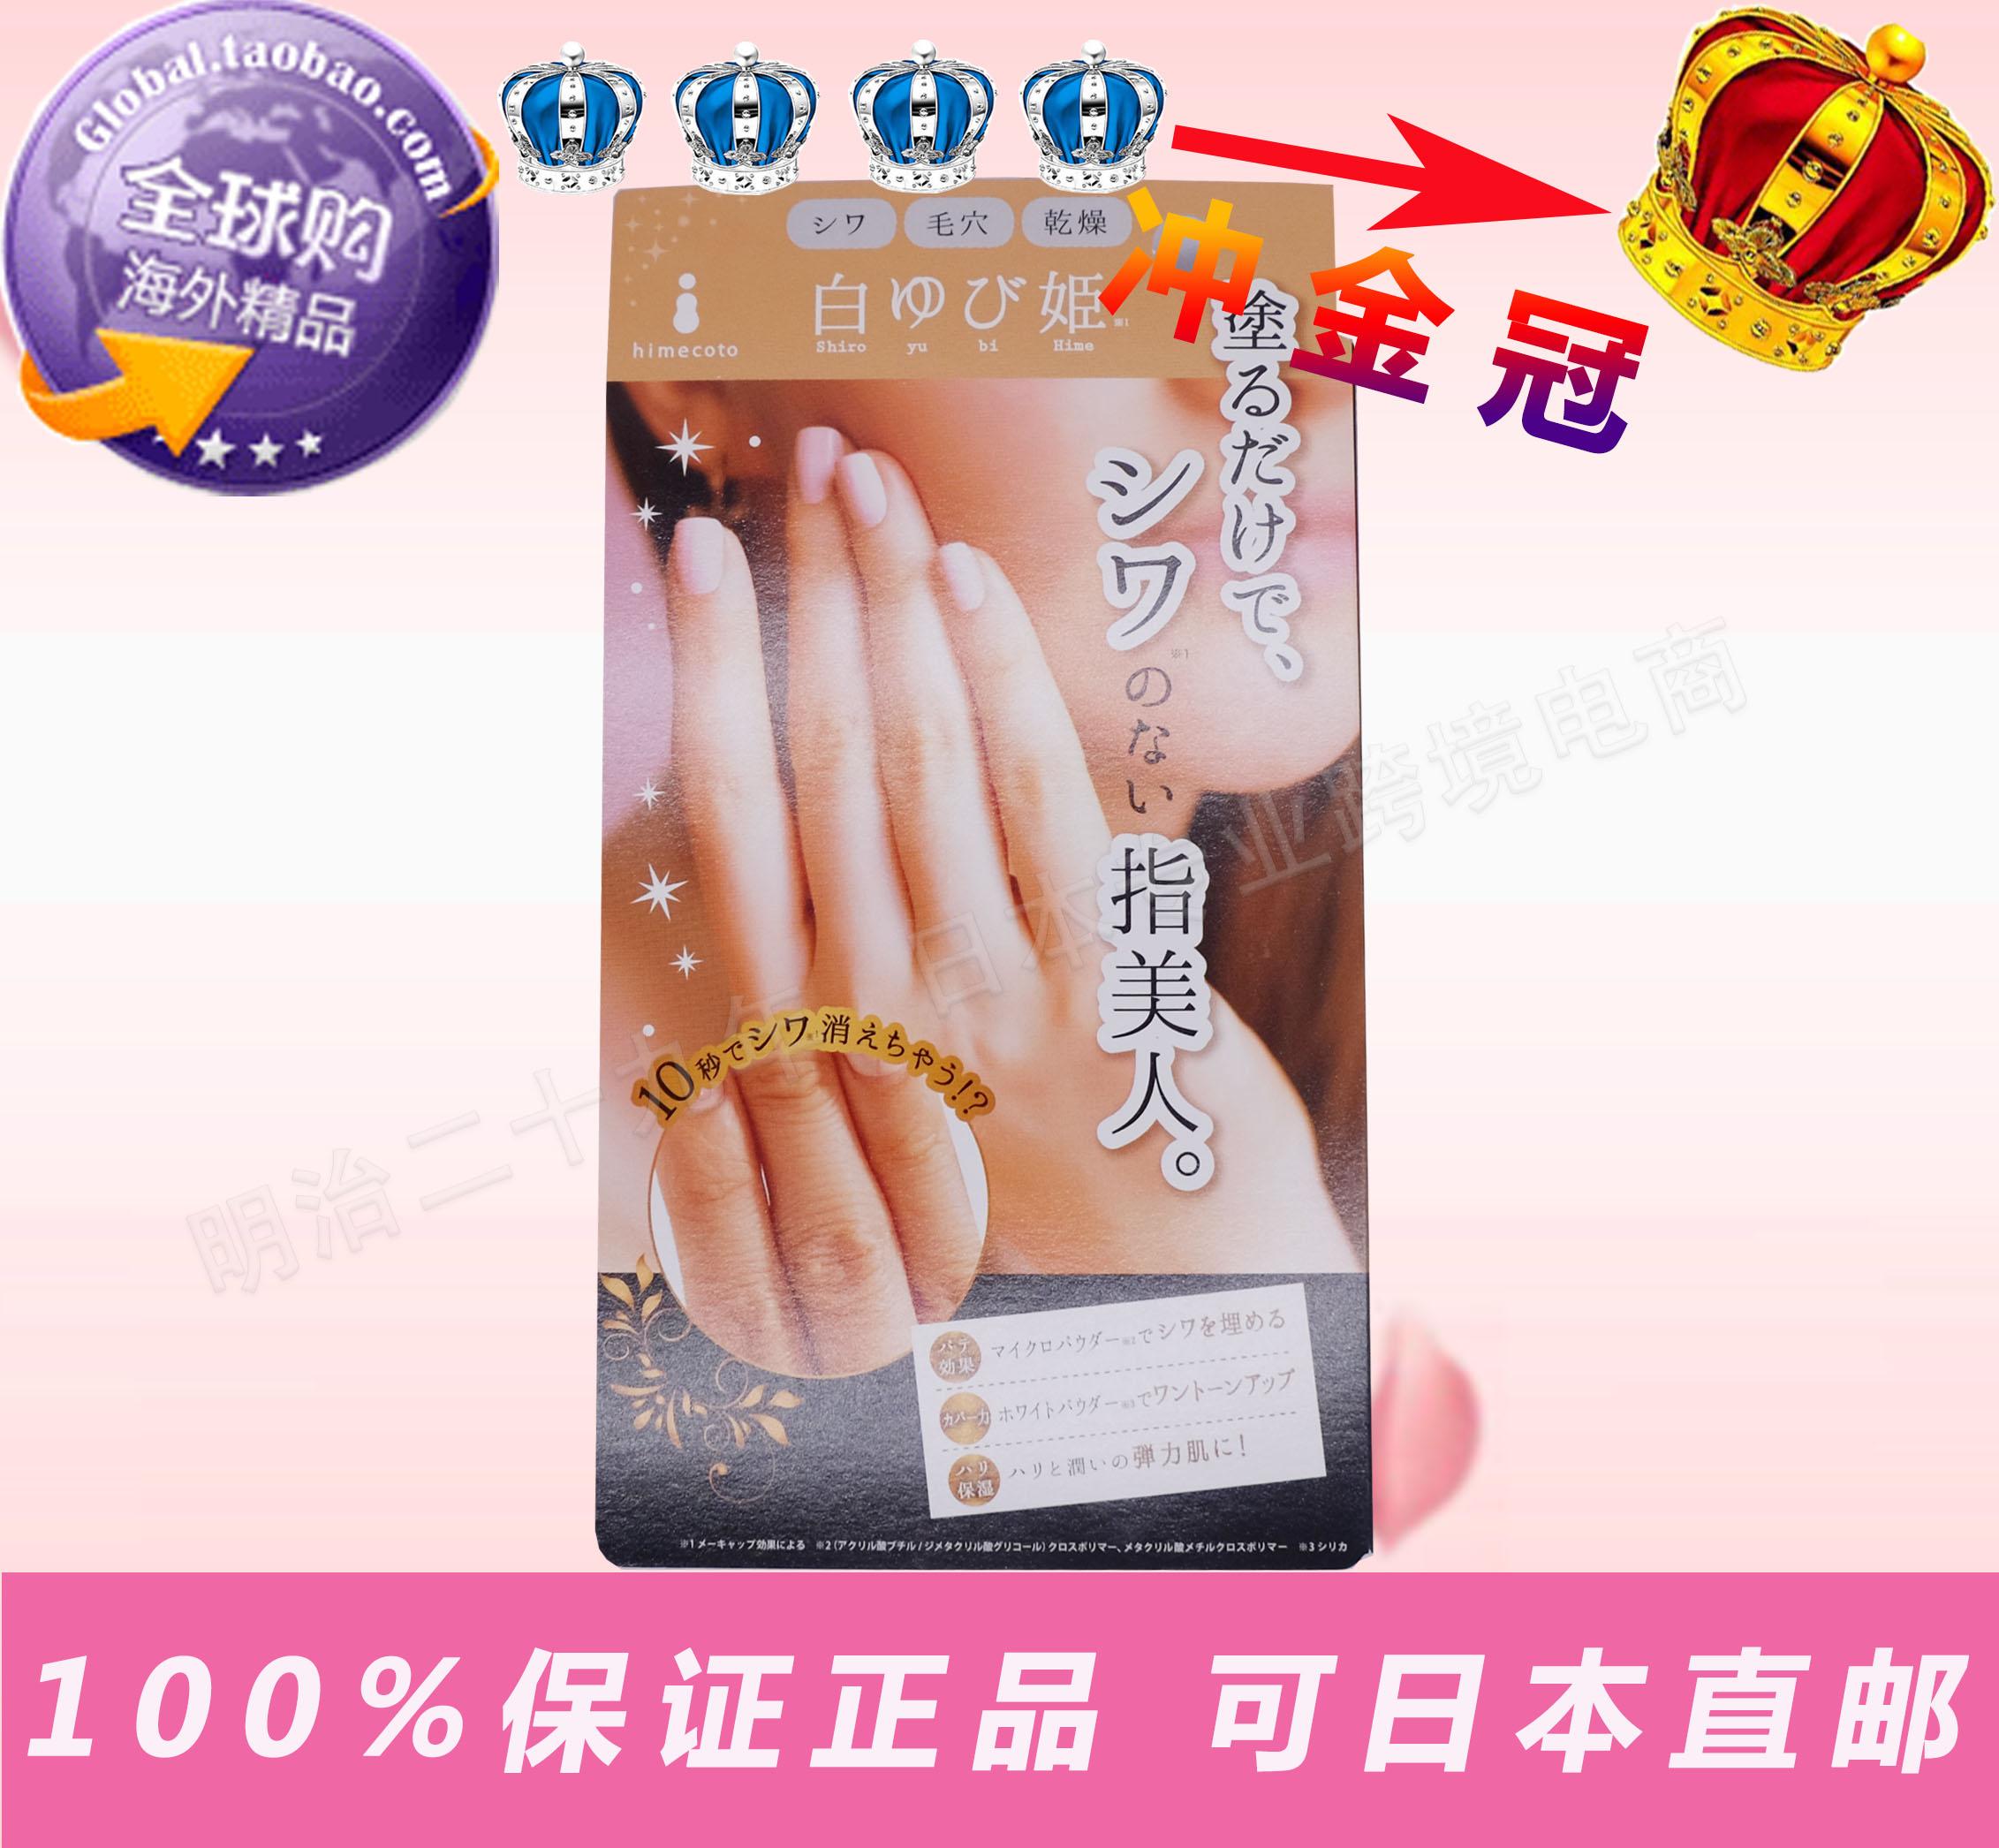 日本Liberta白姬10秒变白细嫩遮瑕淡纹保湿手指美人护手霜30g